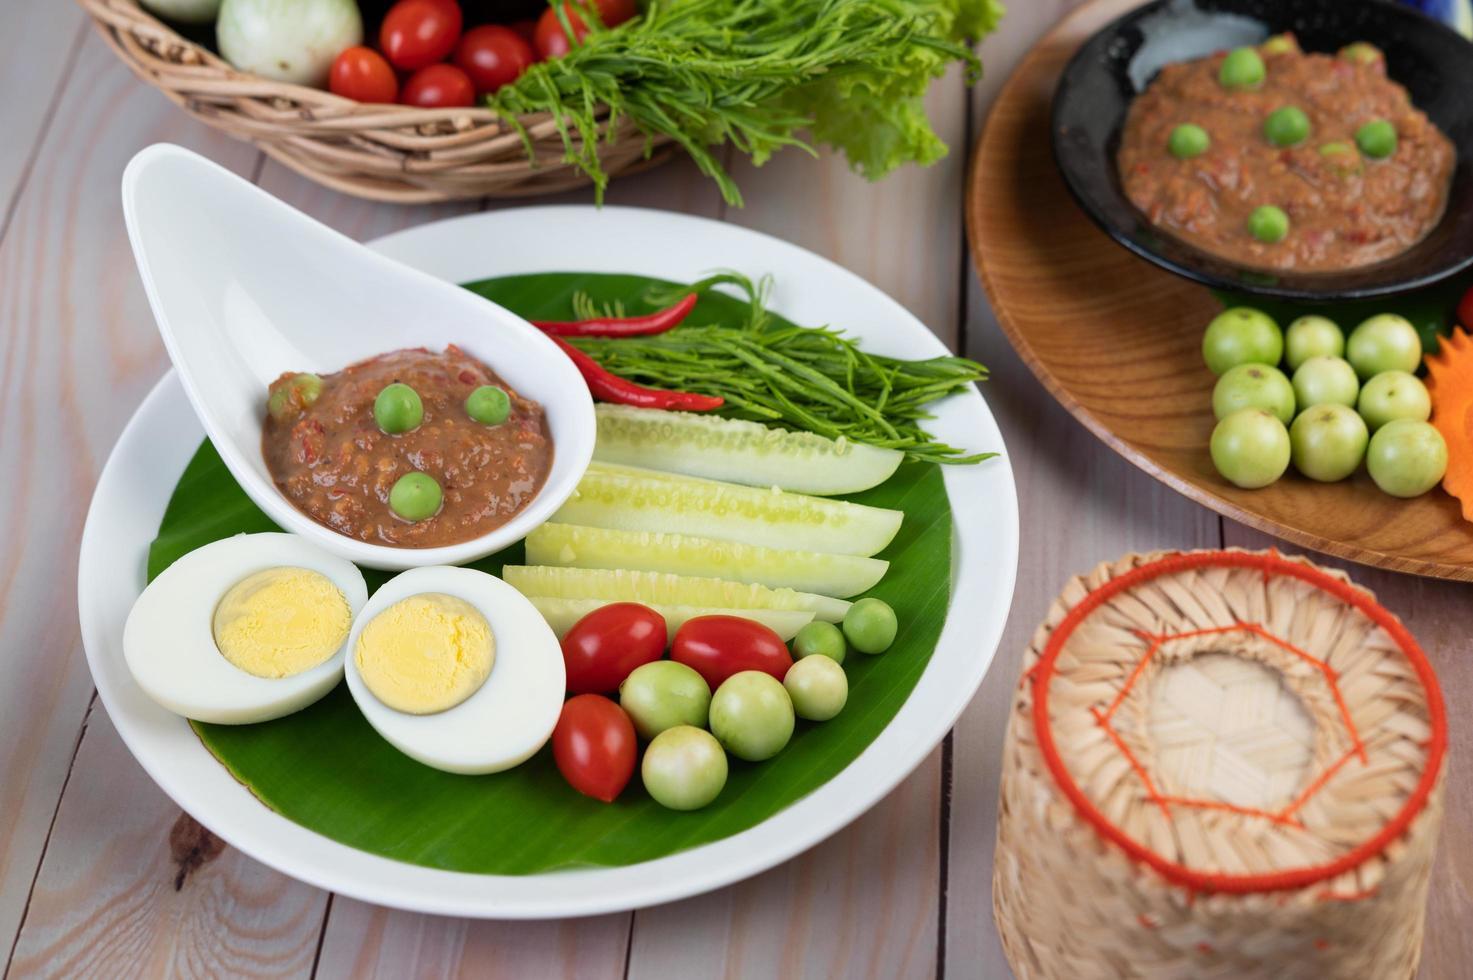 pâte de pâte de piment dans un bol avec aubergines, carottes, chili et concombres dans un panier photo